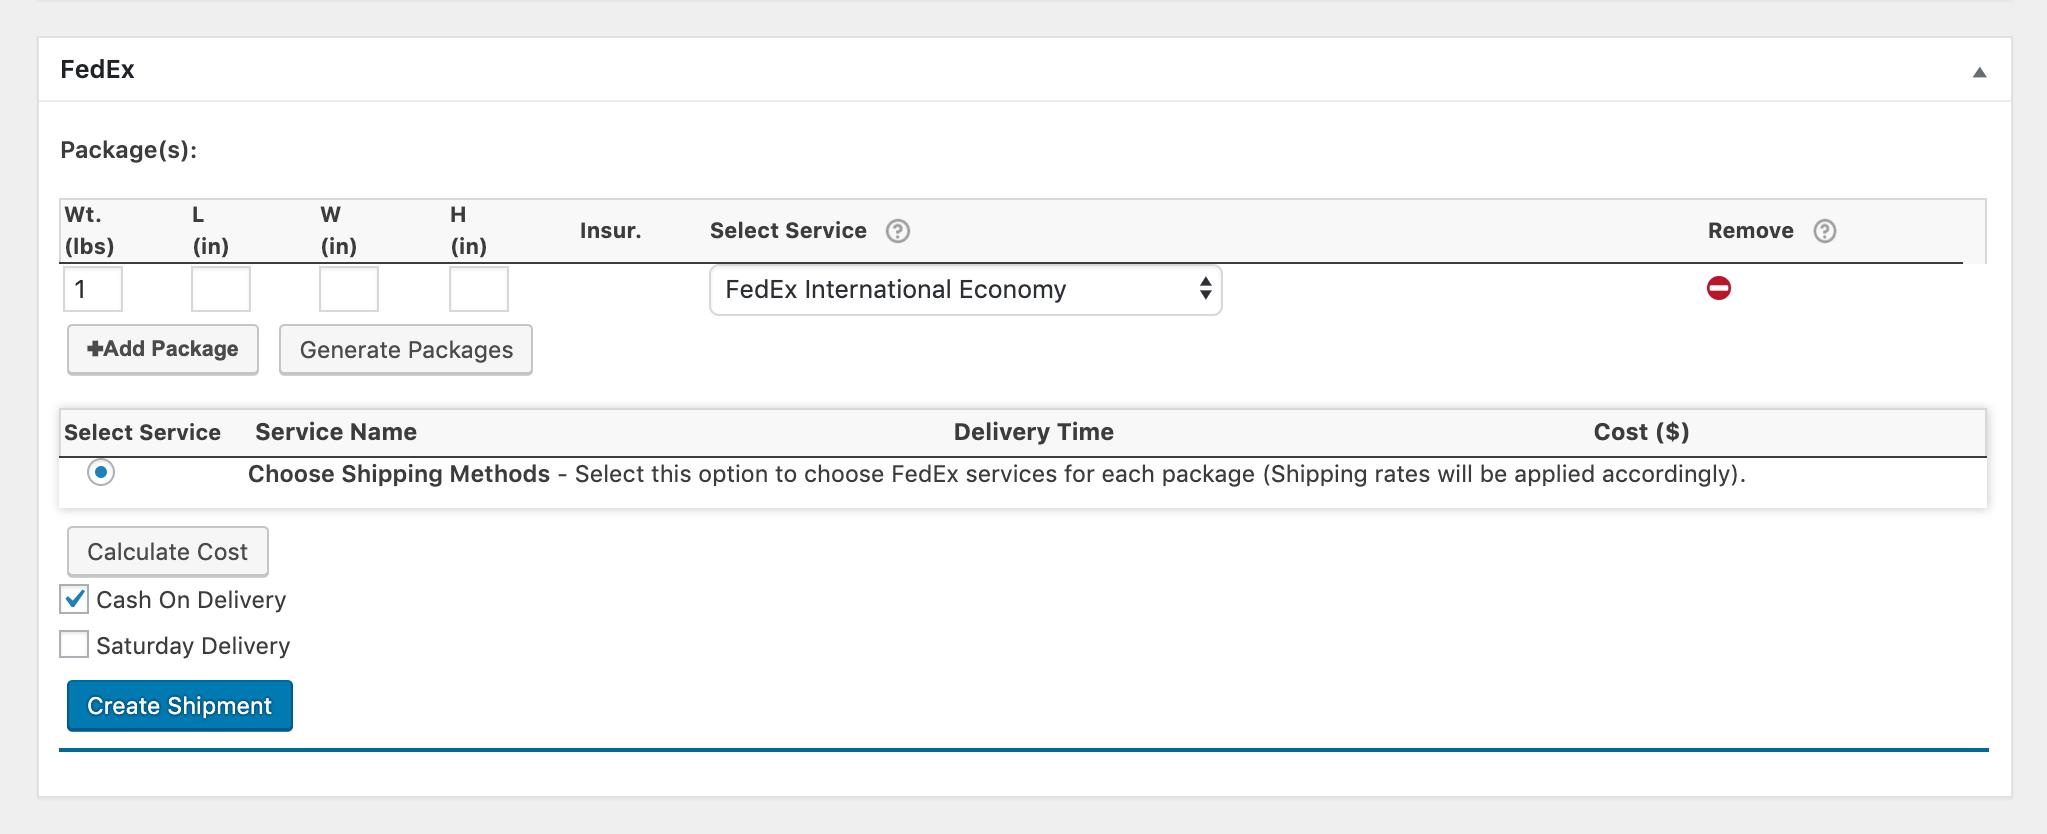 fedex international economy shipment